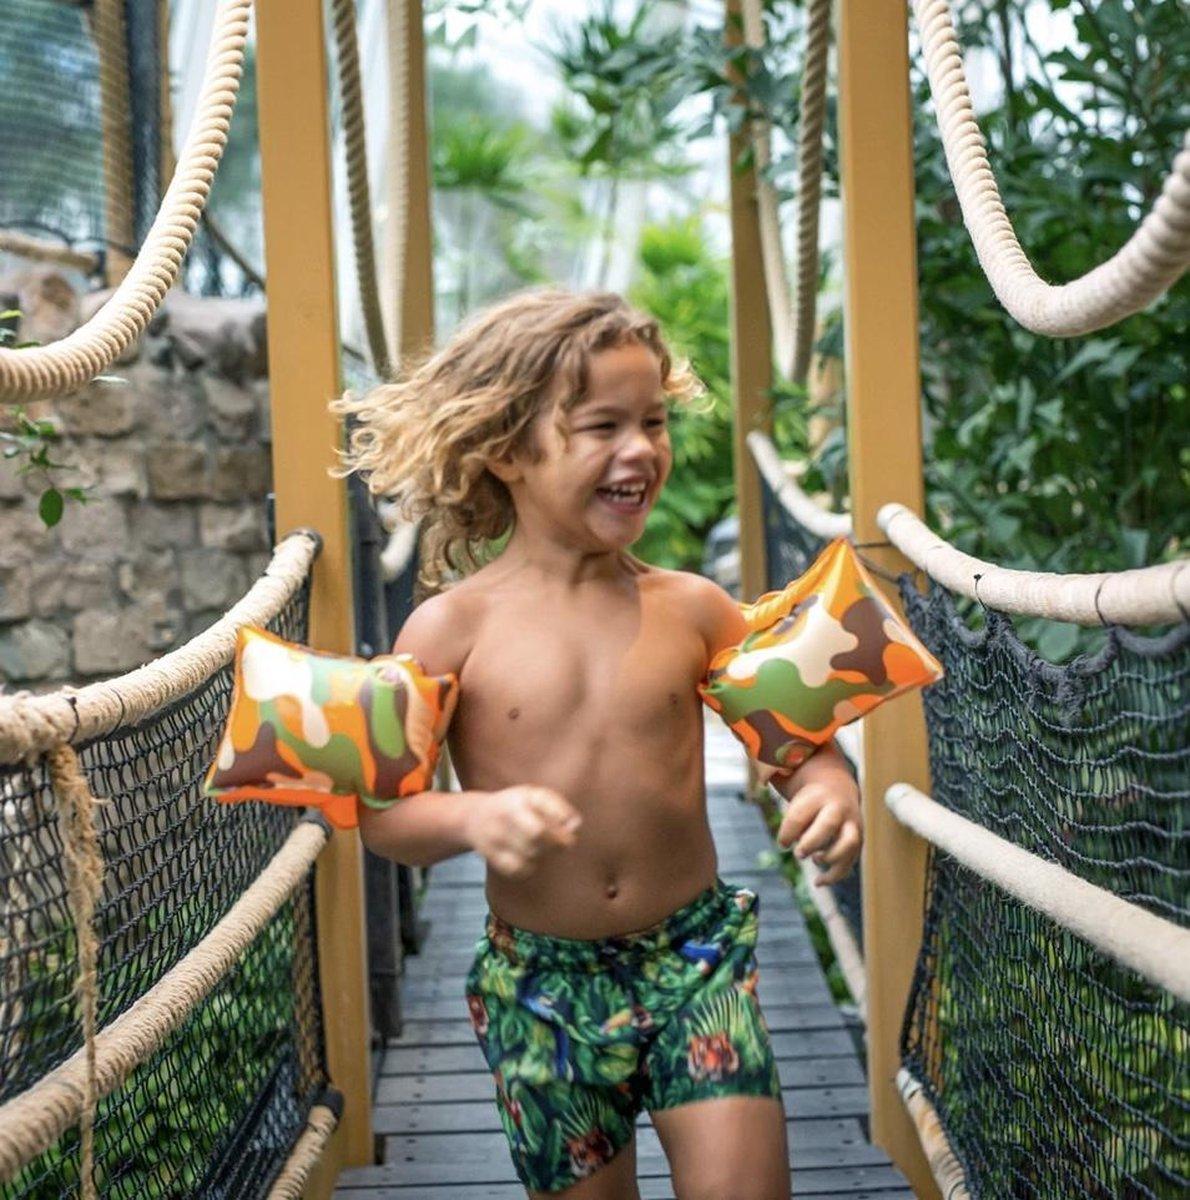 Swim Essentials zwembandjes camouflage- camouflageprint - 2-6 jaar - collectie 2021 - zwembandjes - zwemmen - zomer - zwembad - baby - dreumes - peuter - kleuter - kids - jongen - camouflage - print